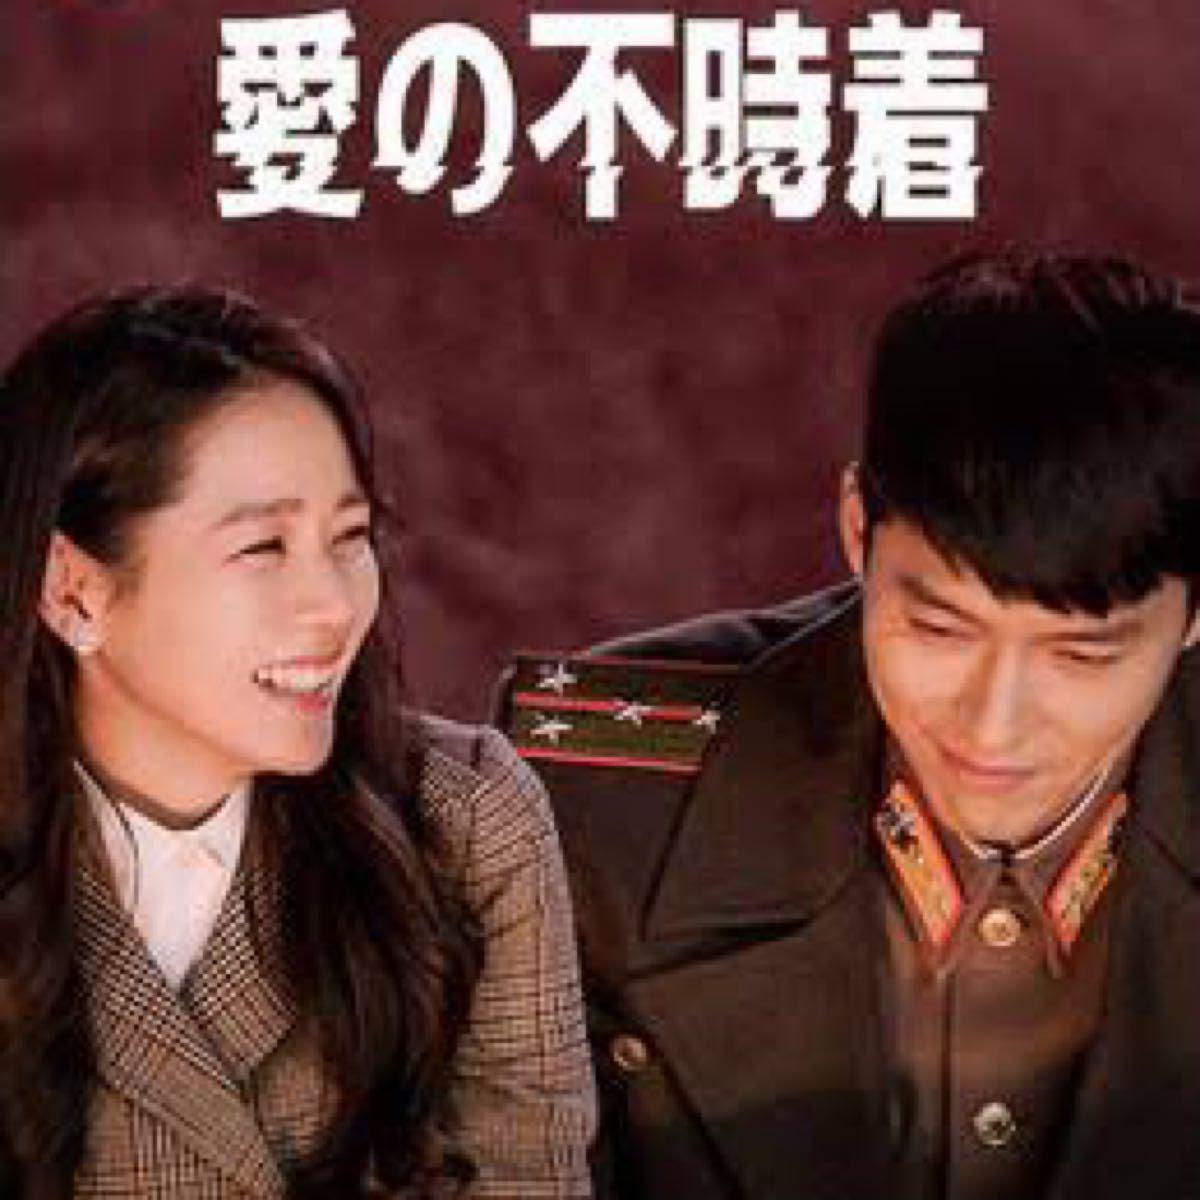 愛の不時着 DVD全話【レーベル印刷あり】 韓国ドラマ